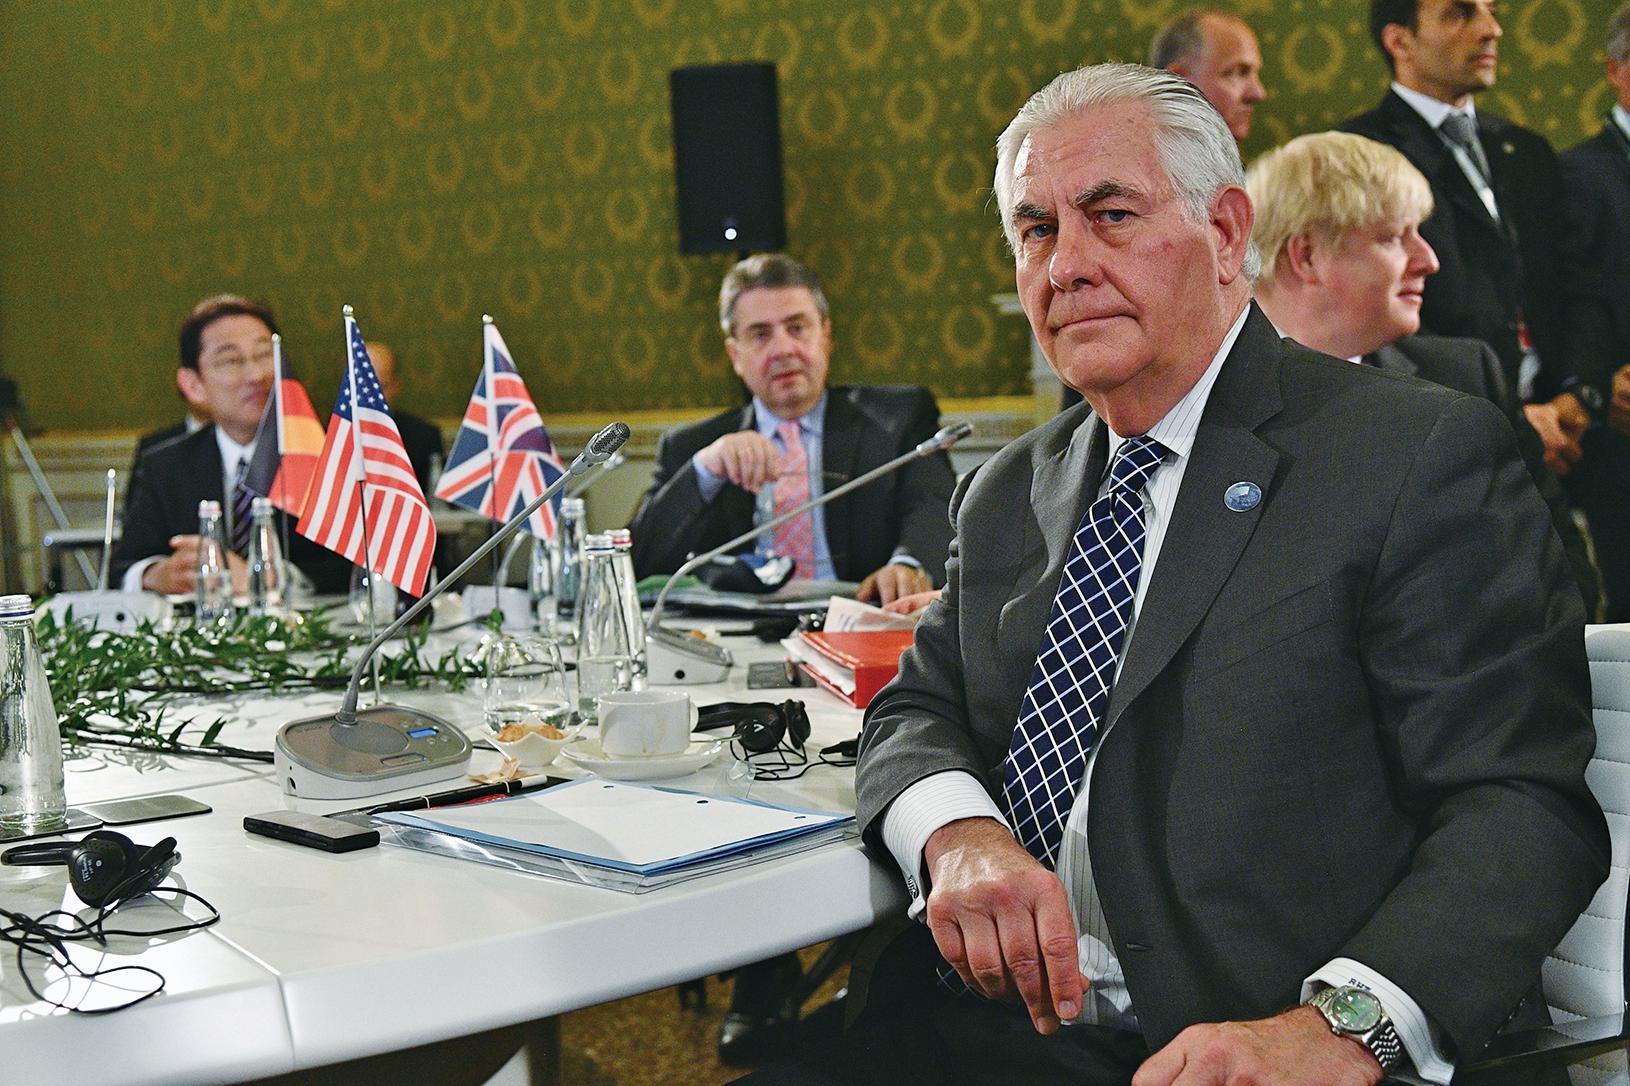 美國務卿蒂勒森在G7外長峰會上對俄羅斯發出強硬最後通牒,稱俄羅斯必須做出選擇,或者支持美國及其盟國,或者支持阿薩德政權。(AFP)